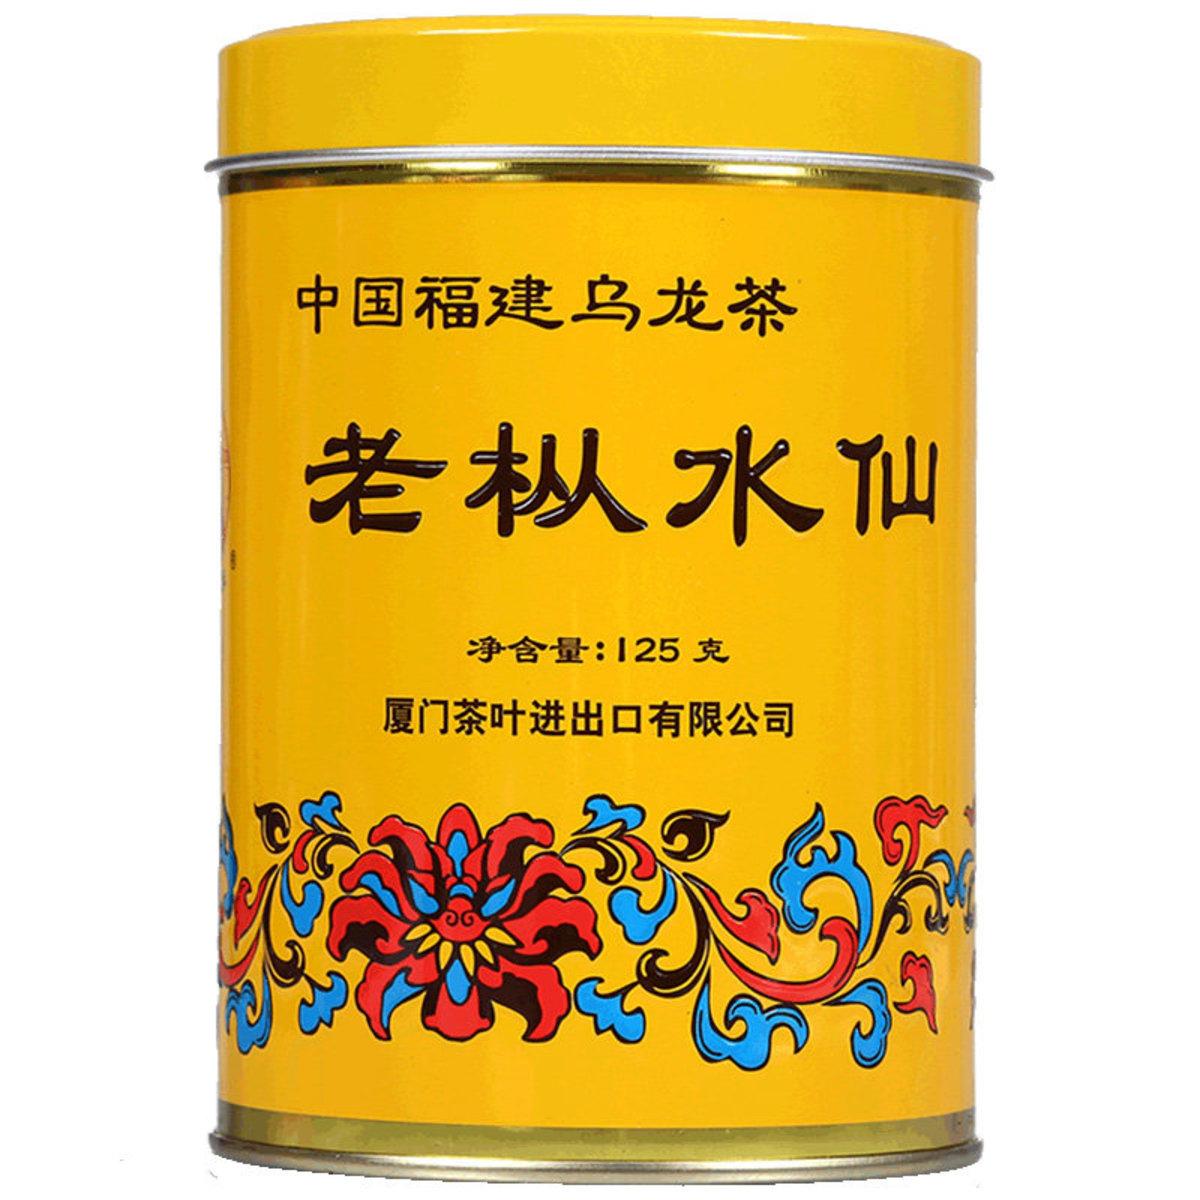 China Tea Lao Chung Shui Xian